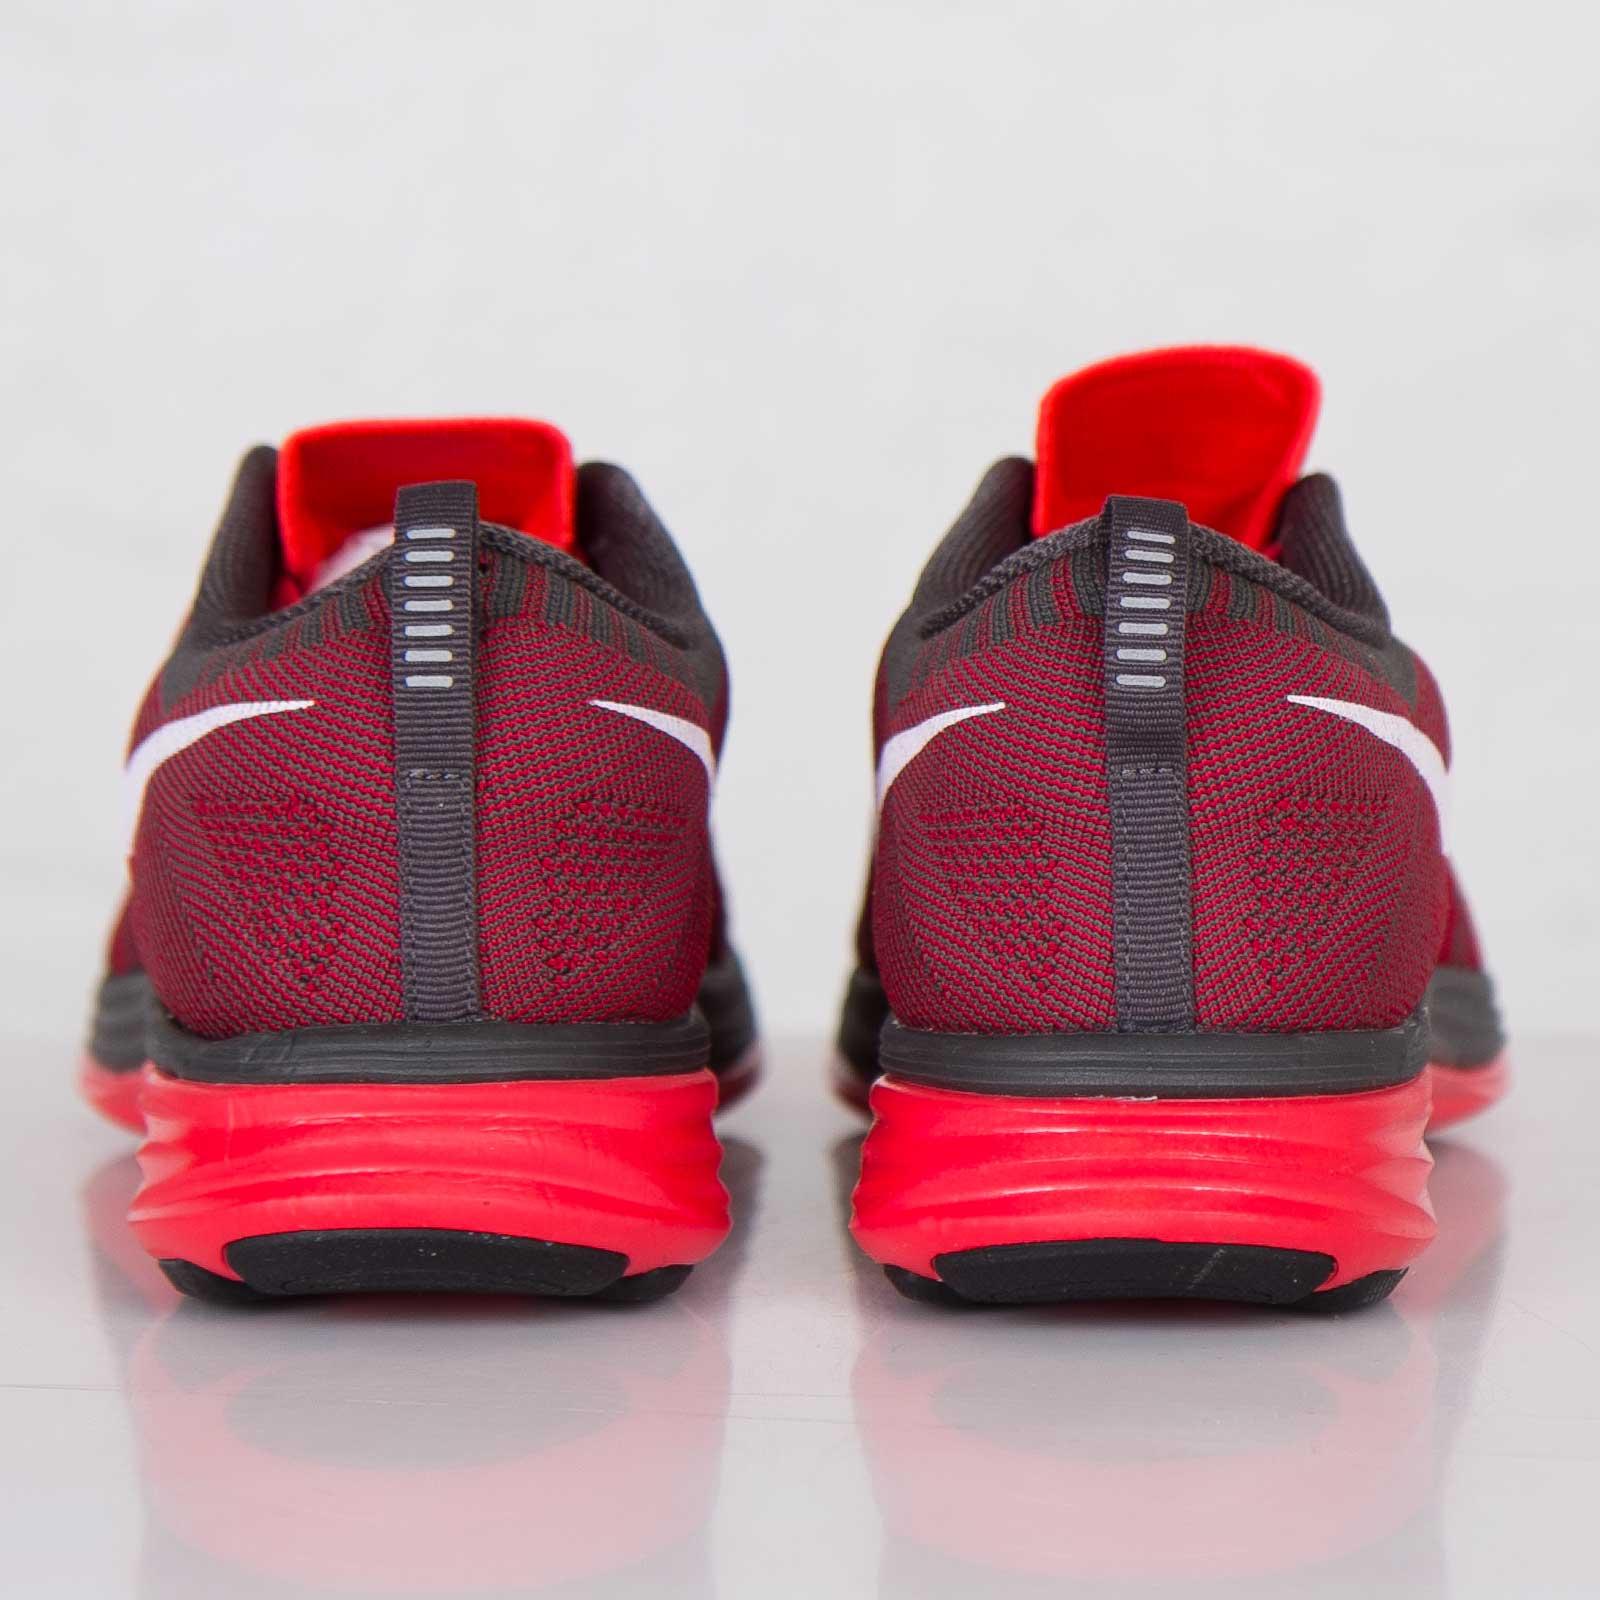 8f787f6de57d Nike Flyknit Lunar2 Nike Flyknit Lunar2 Nike Flyknit Lunar2 ...